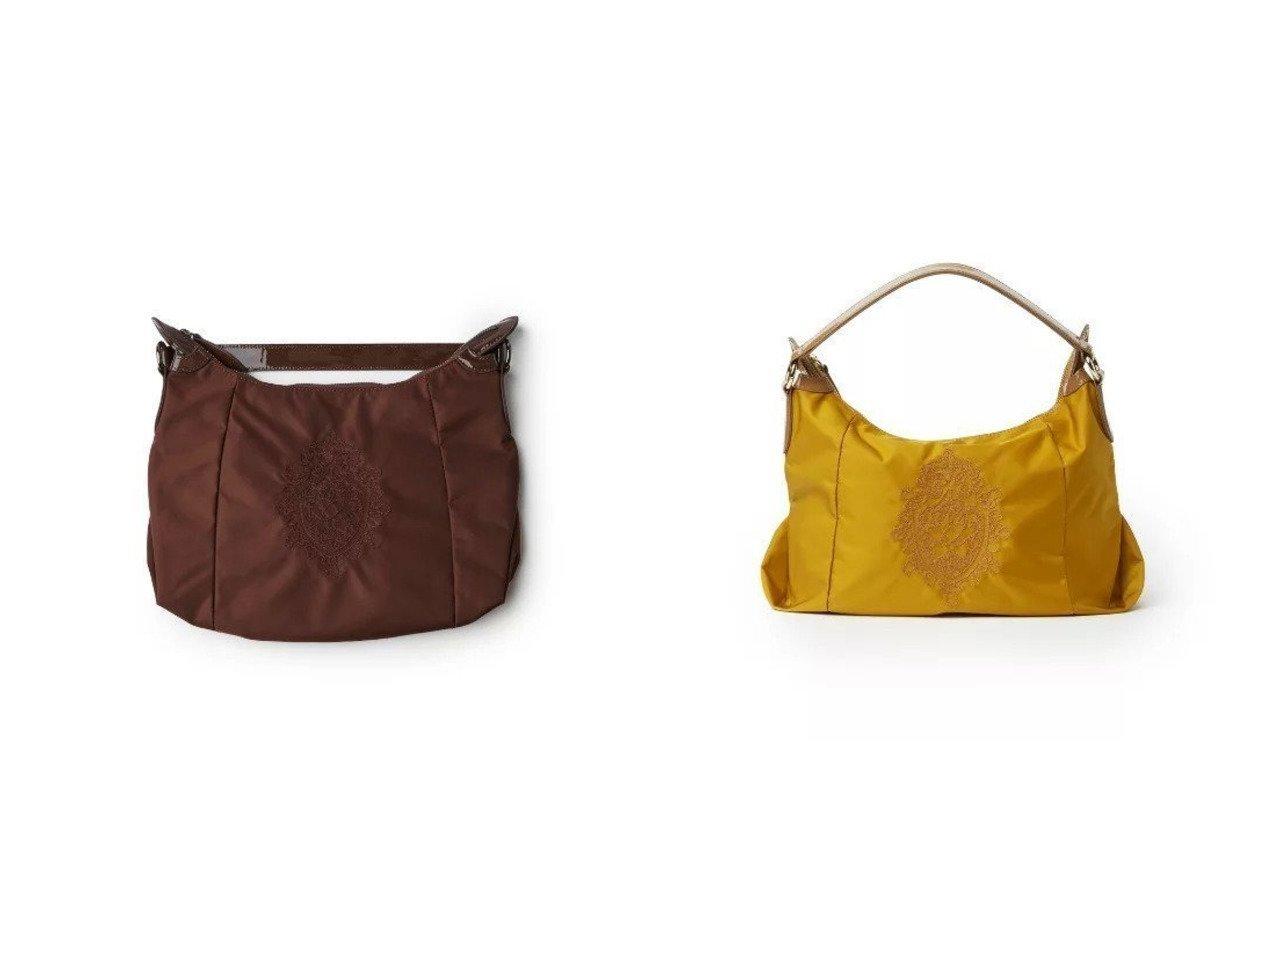 【AMACA/アマカ】のDAVIS ショルダーバッグ バッグ・鞄のおすすめ!人気、トレンド・レディースファッションの通販  おすすめで人気の流行・トレンド、ファッションの通販商品 メンズファッション・キッズファッション・インテリア・家具・レディースファッション・服の通販 founy(ファニー) https://founy.com/ ファッション Fashion レディースファッション WOMEN バッグ Bag イタリア ショルダー スタンダード ポケット 人気 軽量 |ID:crp329100000009116